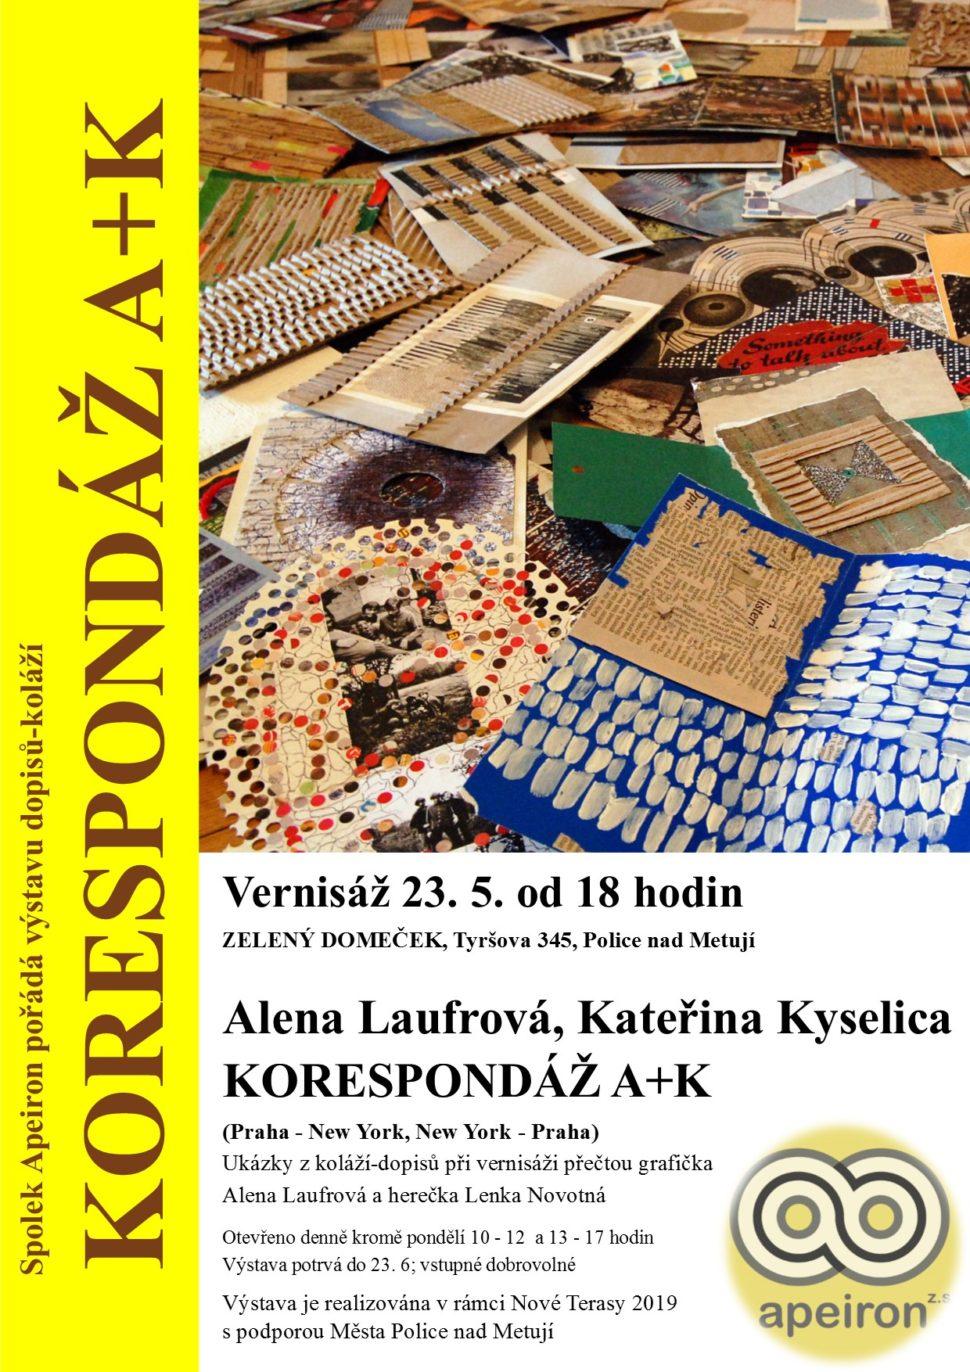 Laufrova, Kyselica 1